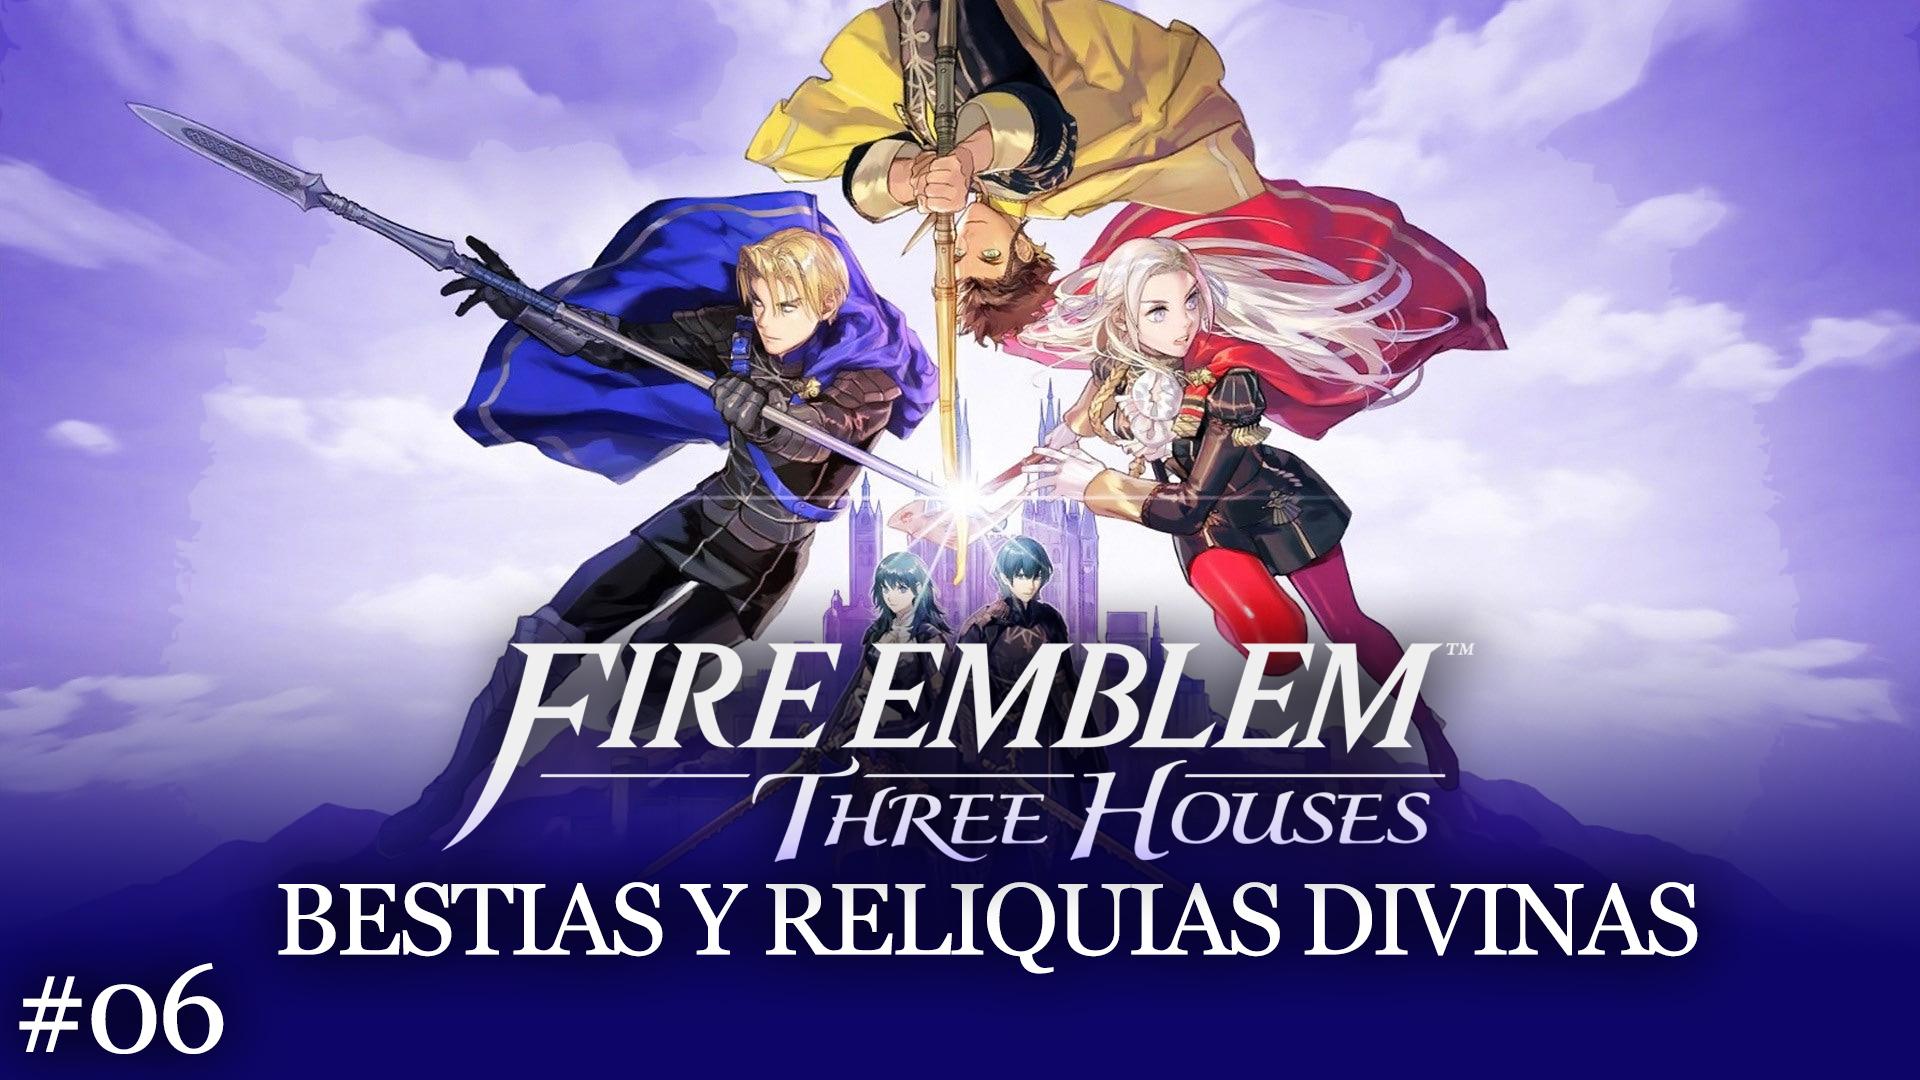 Serie Fire Emblem: Three Houses #06 – Bestias y Reliquias Divinas